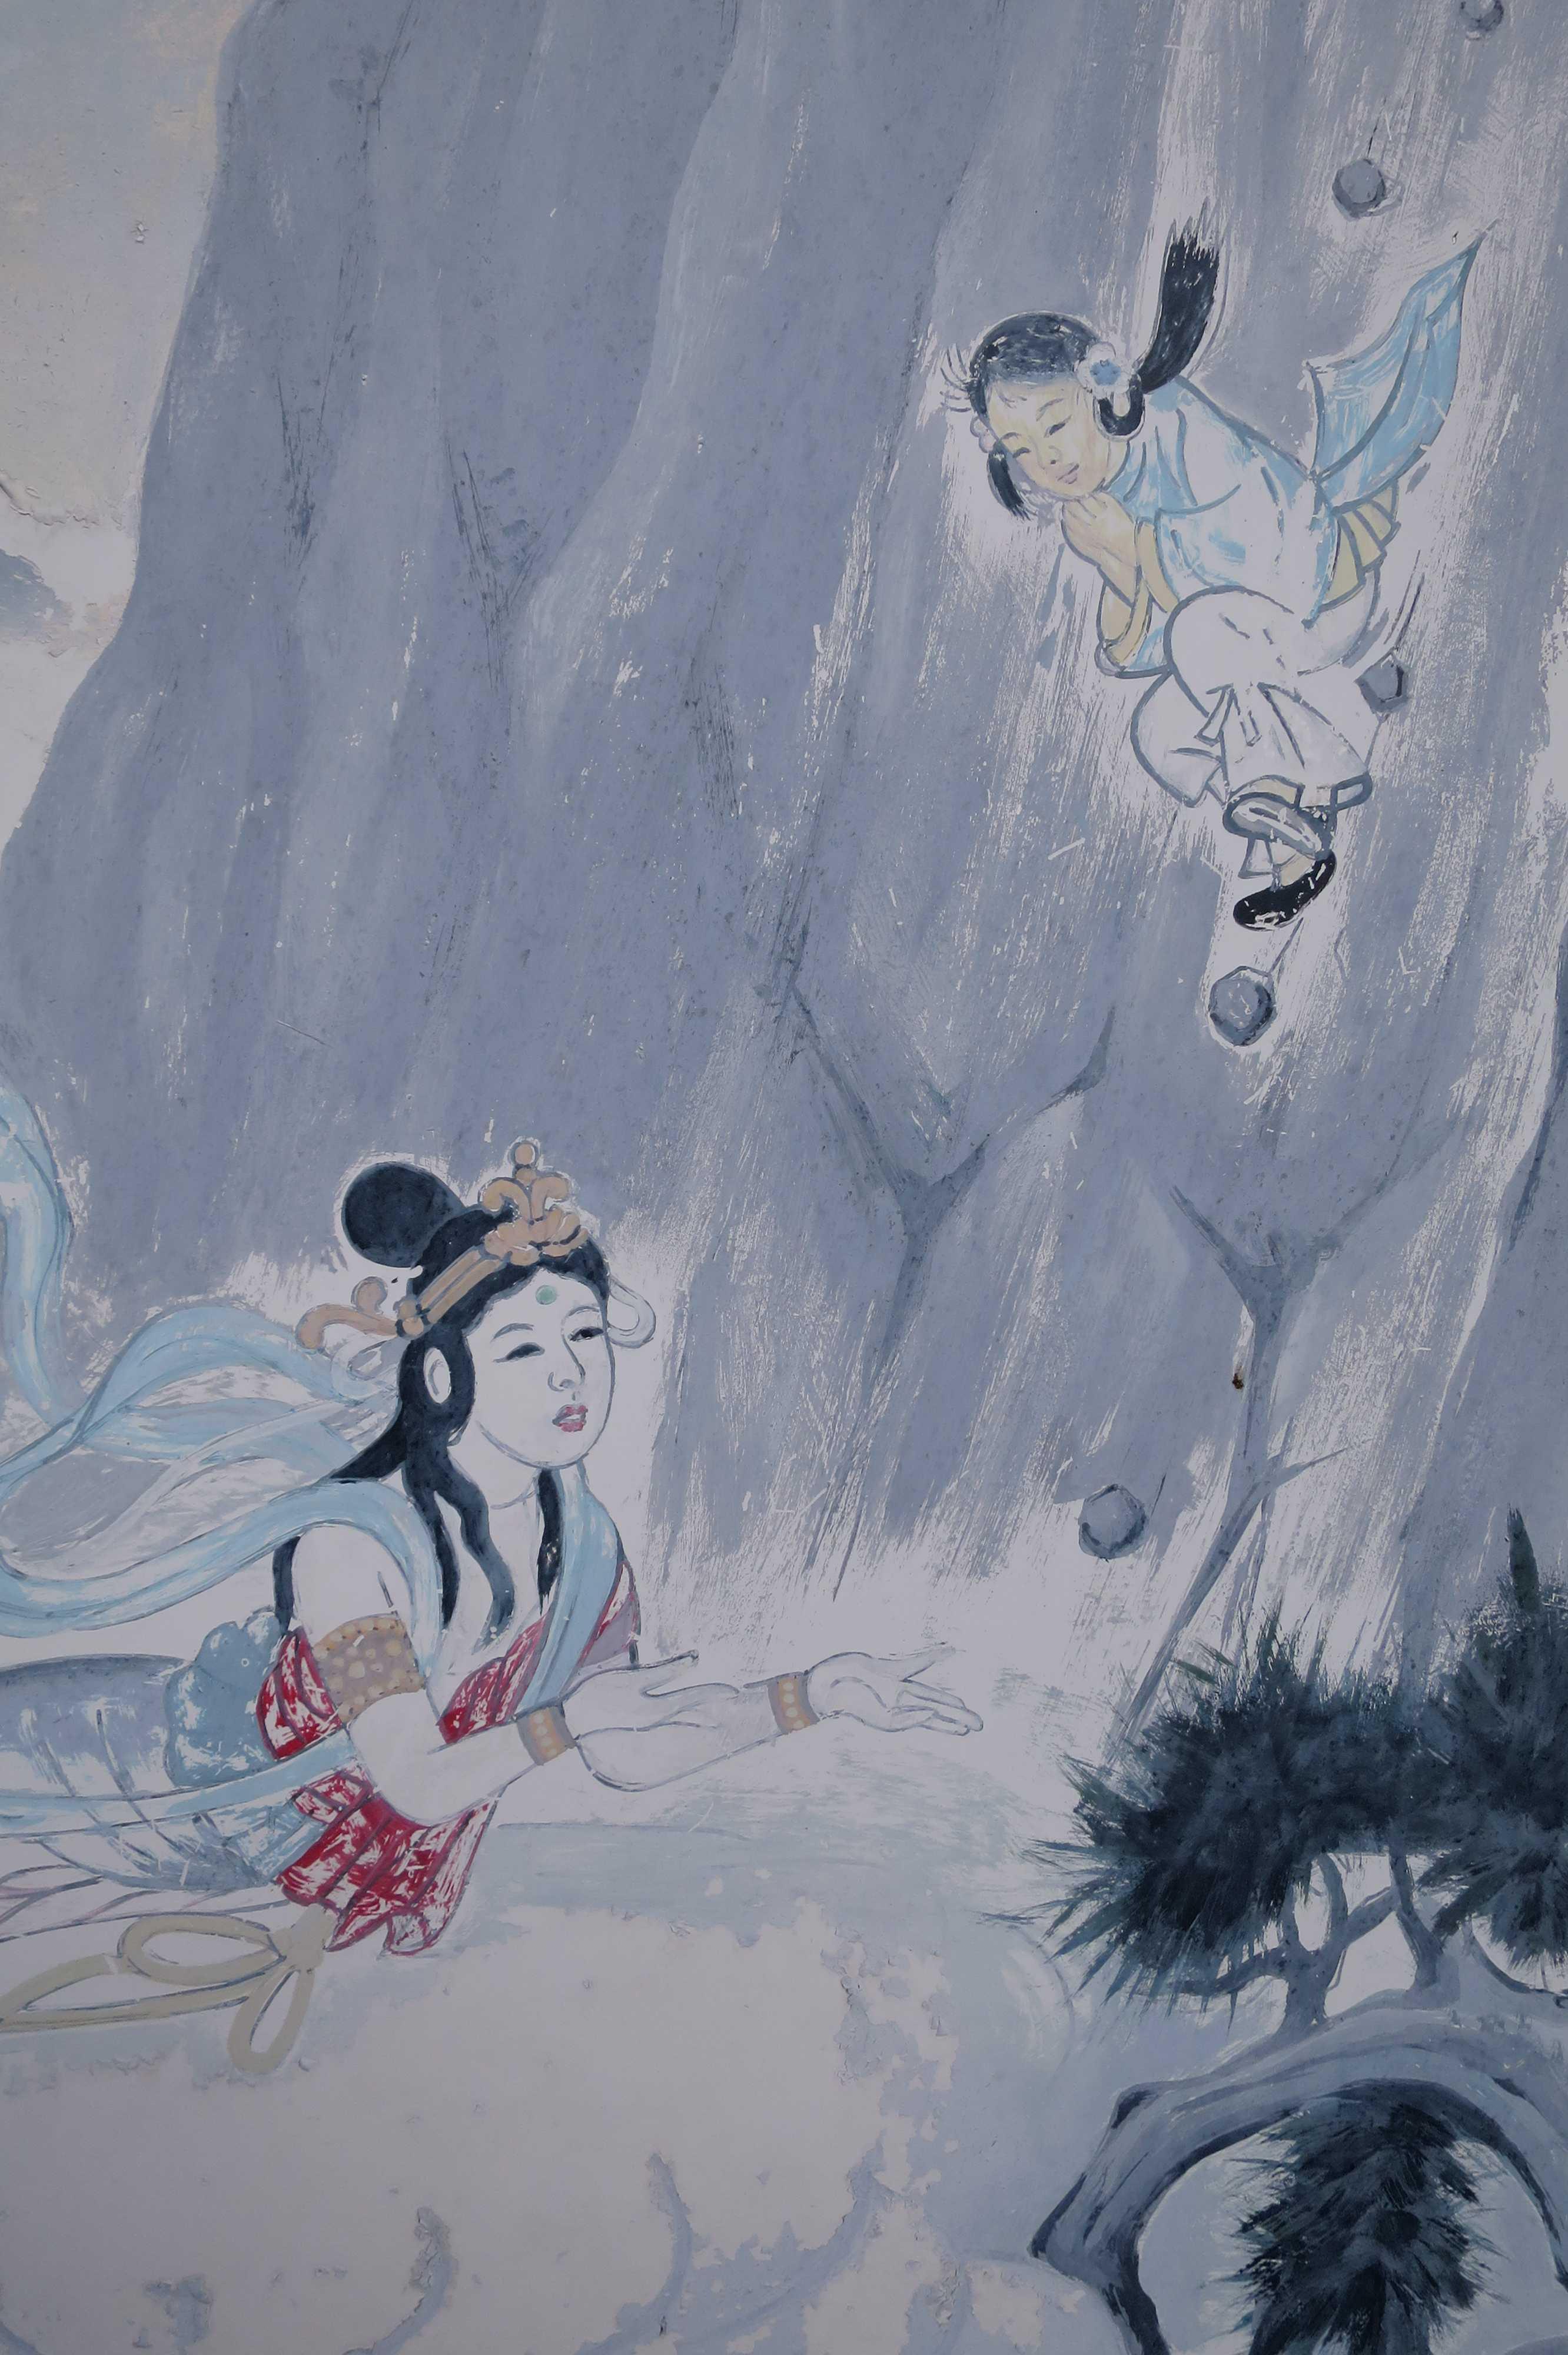 断崖絶壁から身を投じた空海少年を今まさに抱きとめようとする天女(出釈迦寺)